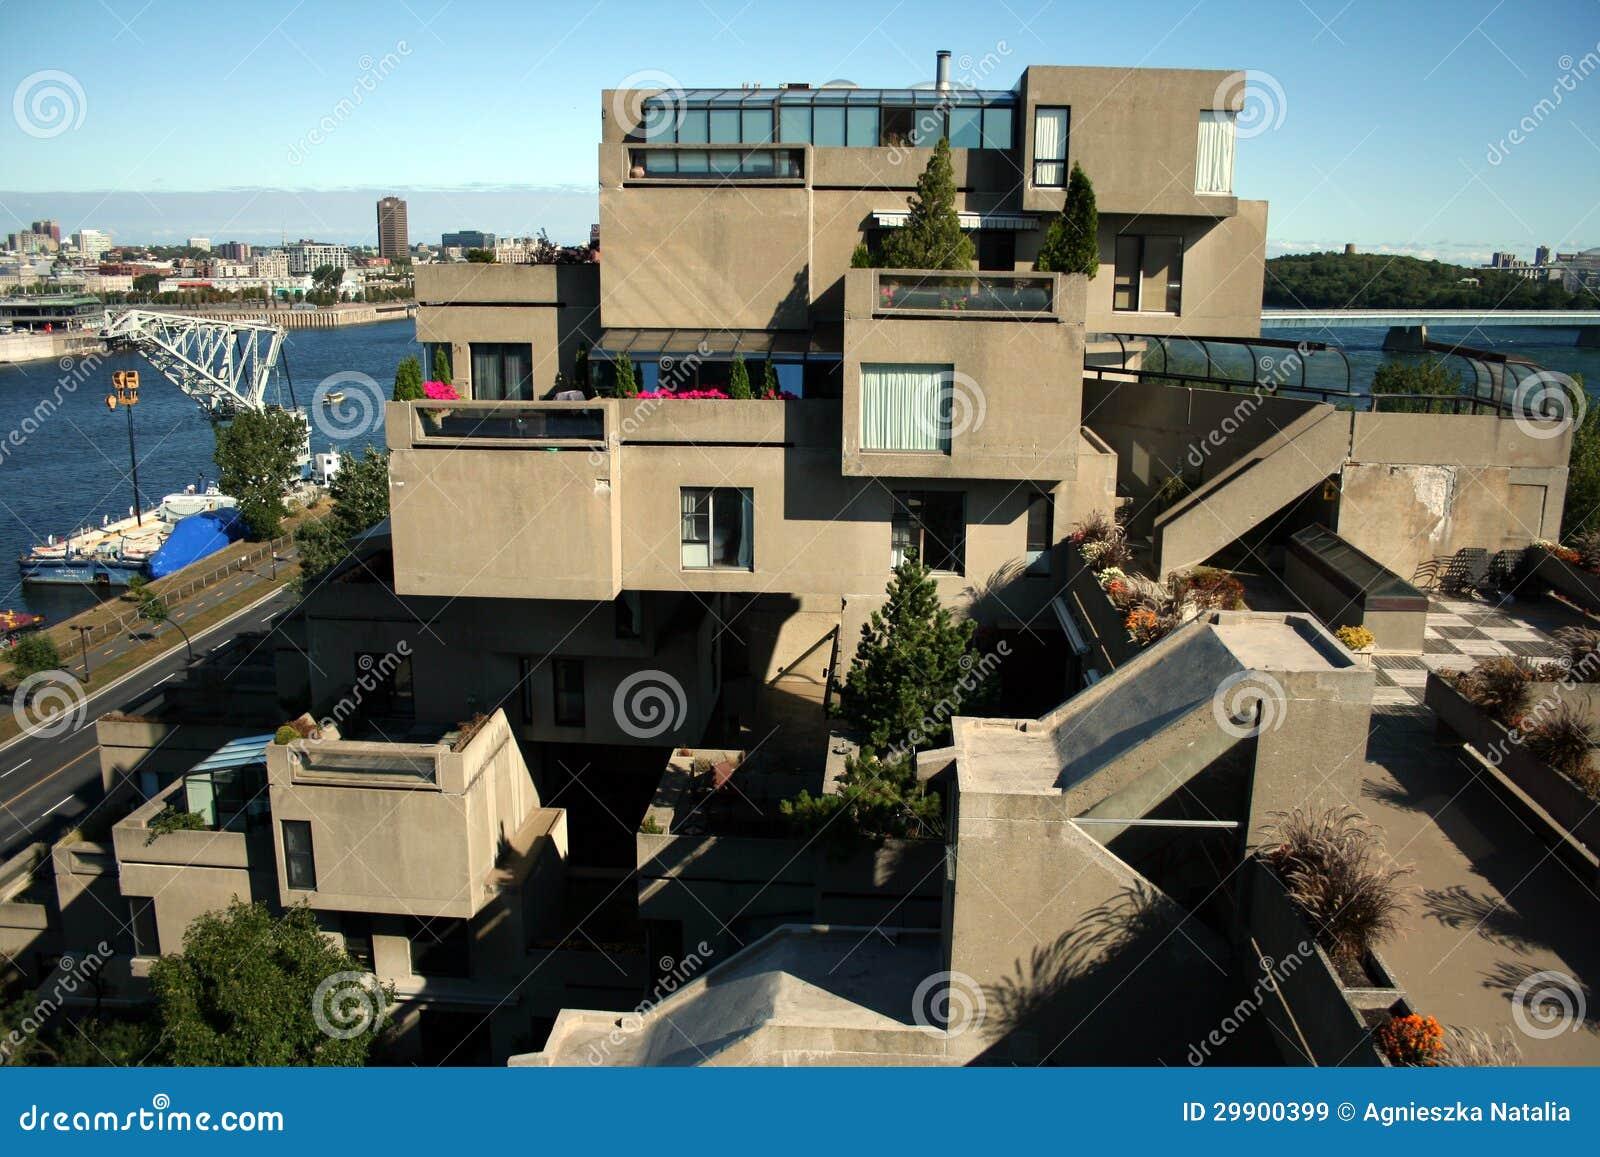 Habitat 67 in Montreal, Canada